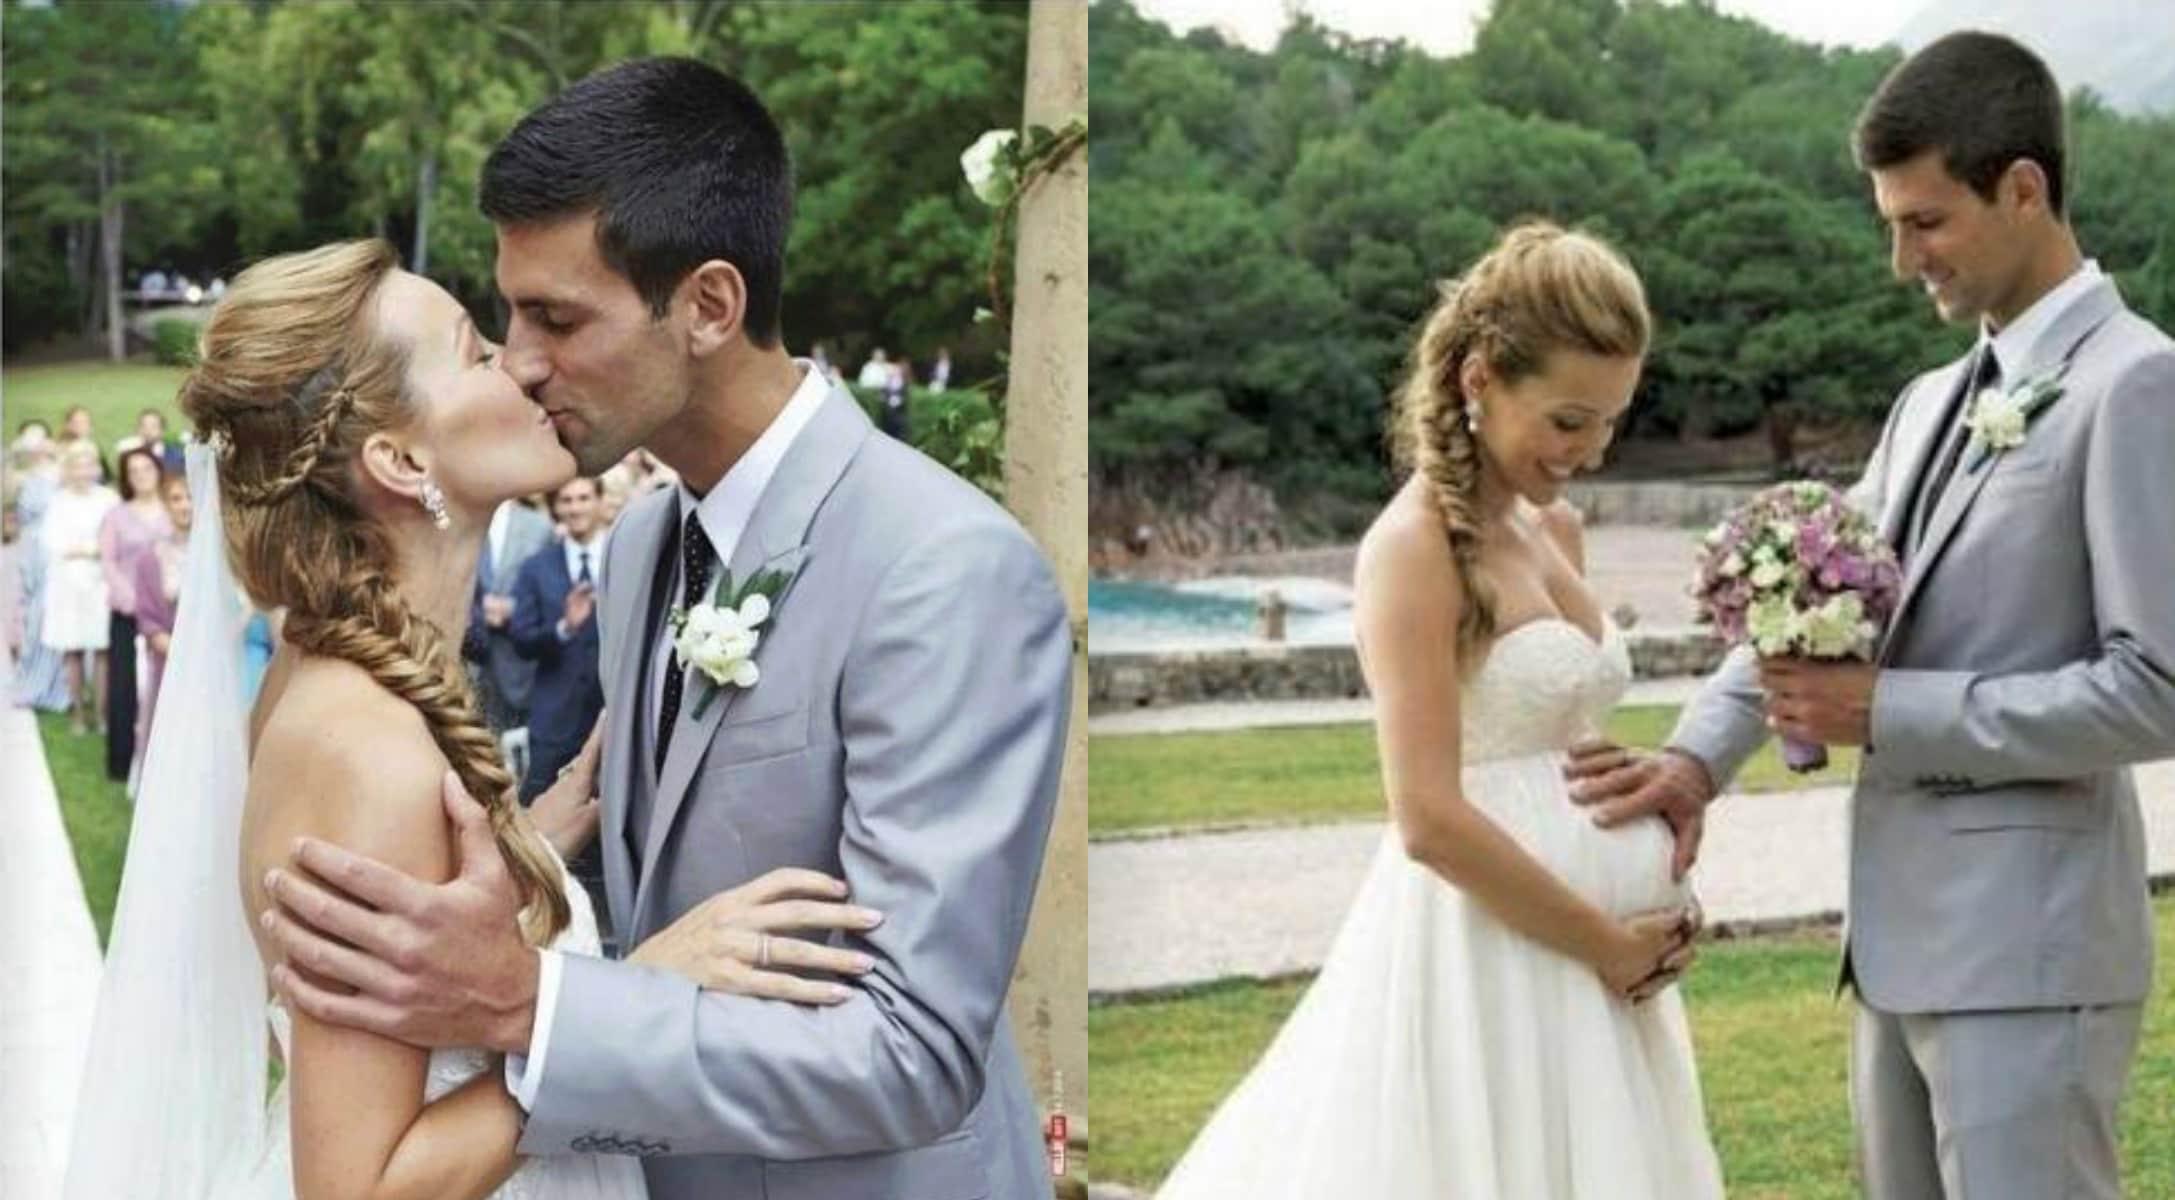 Jelena and Novak's wedding